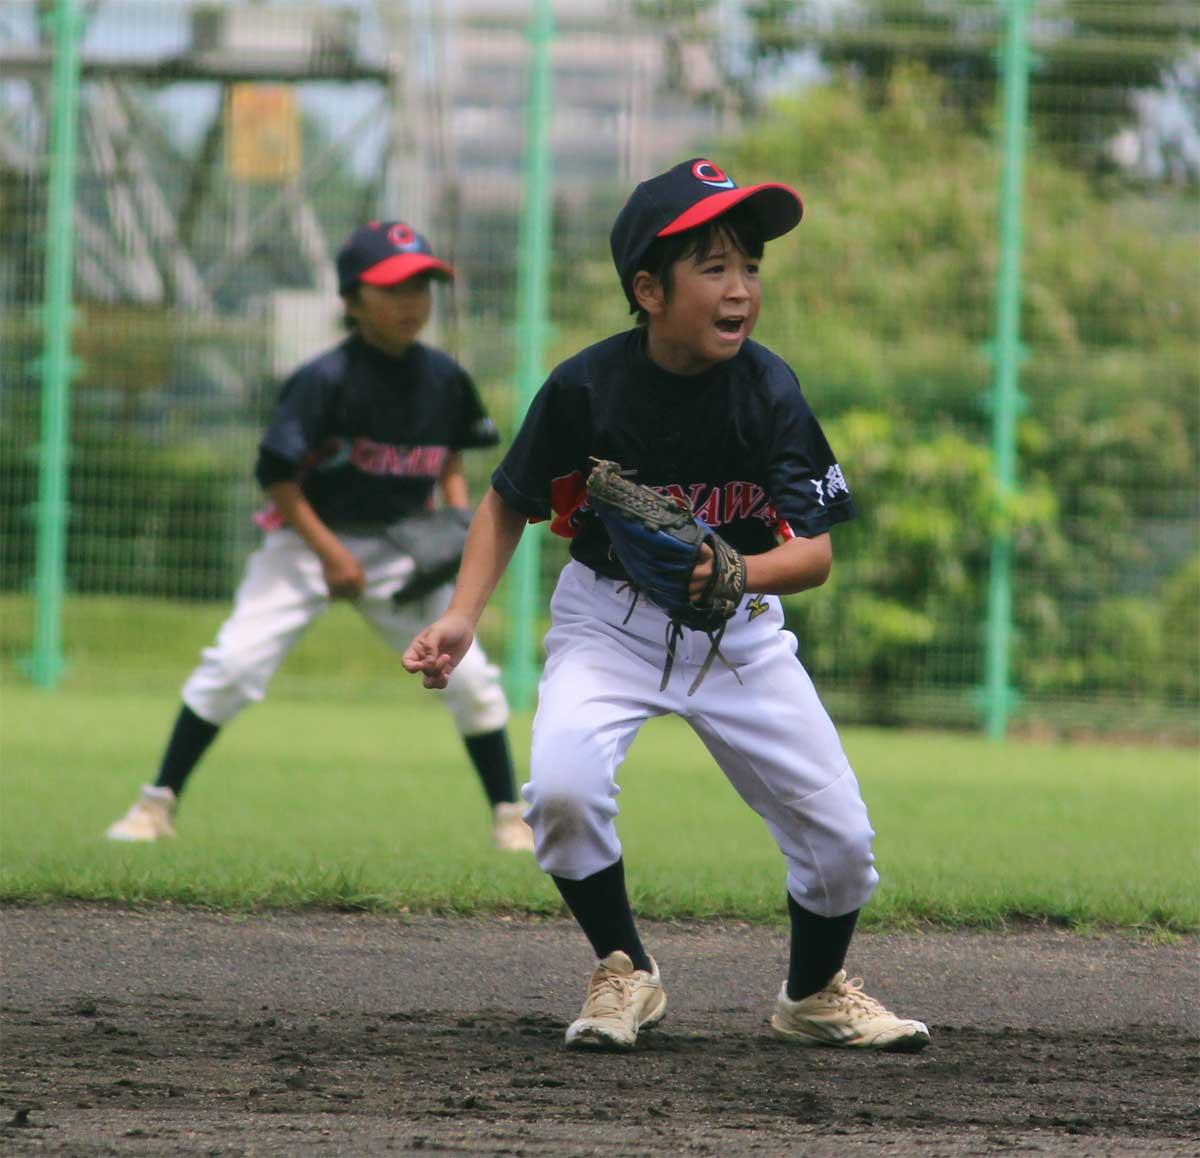 全日本大学女子野球選手権大会 - spo-uozu.com